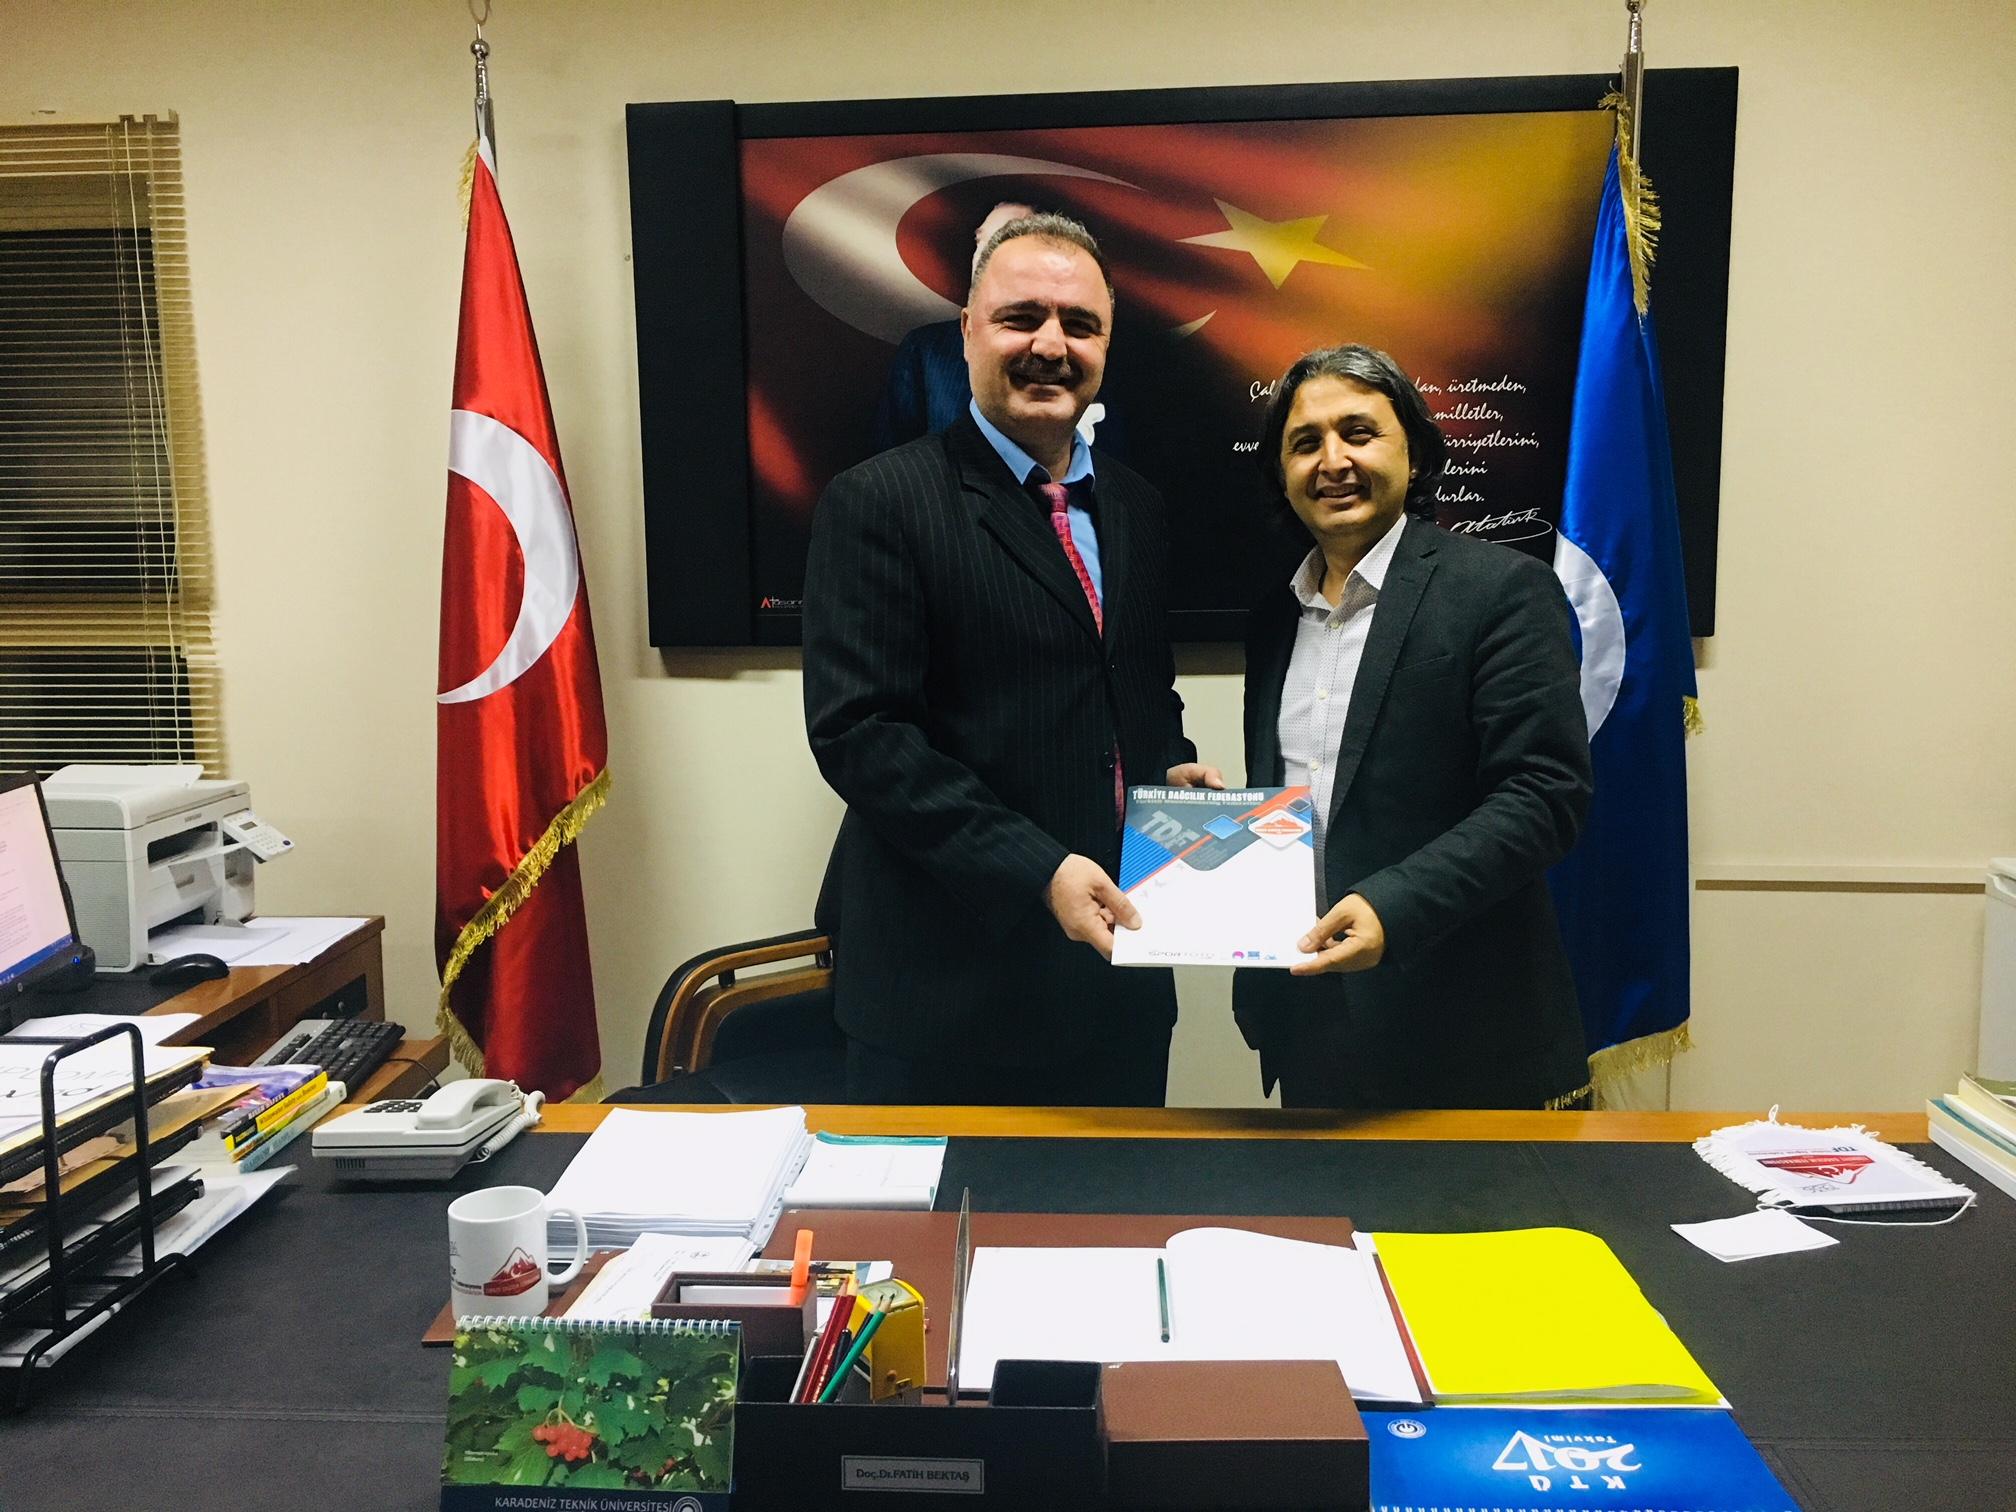 Türkiye Dağcılık Federasyonu ile Karadeniz Teknik Üniversitesi arasında işbirliği protokolü imzalandı.